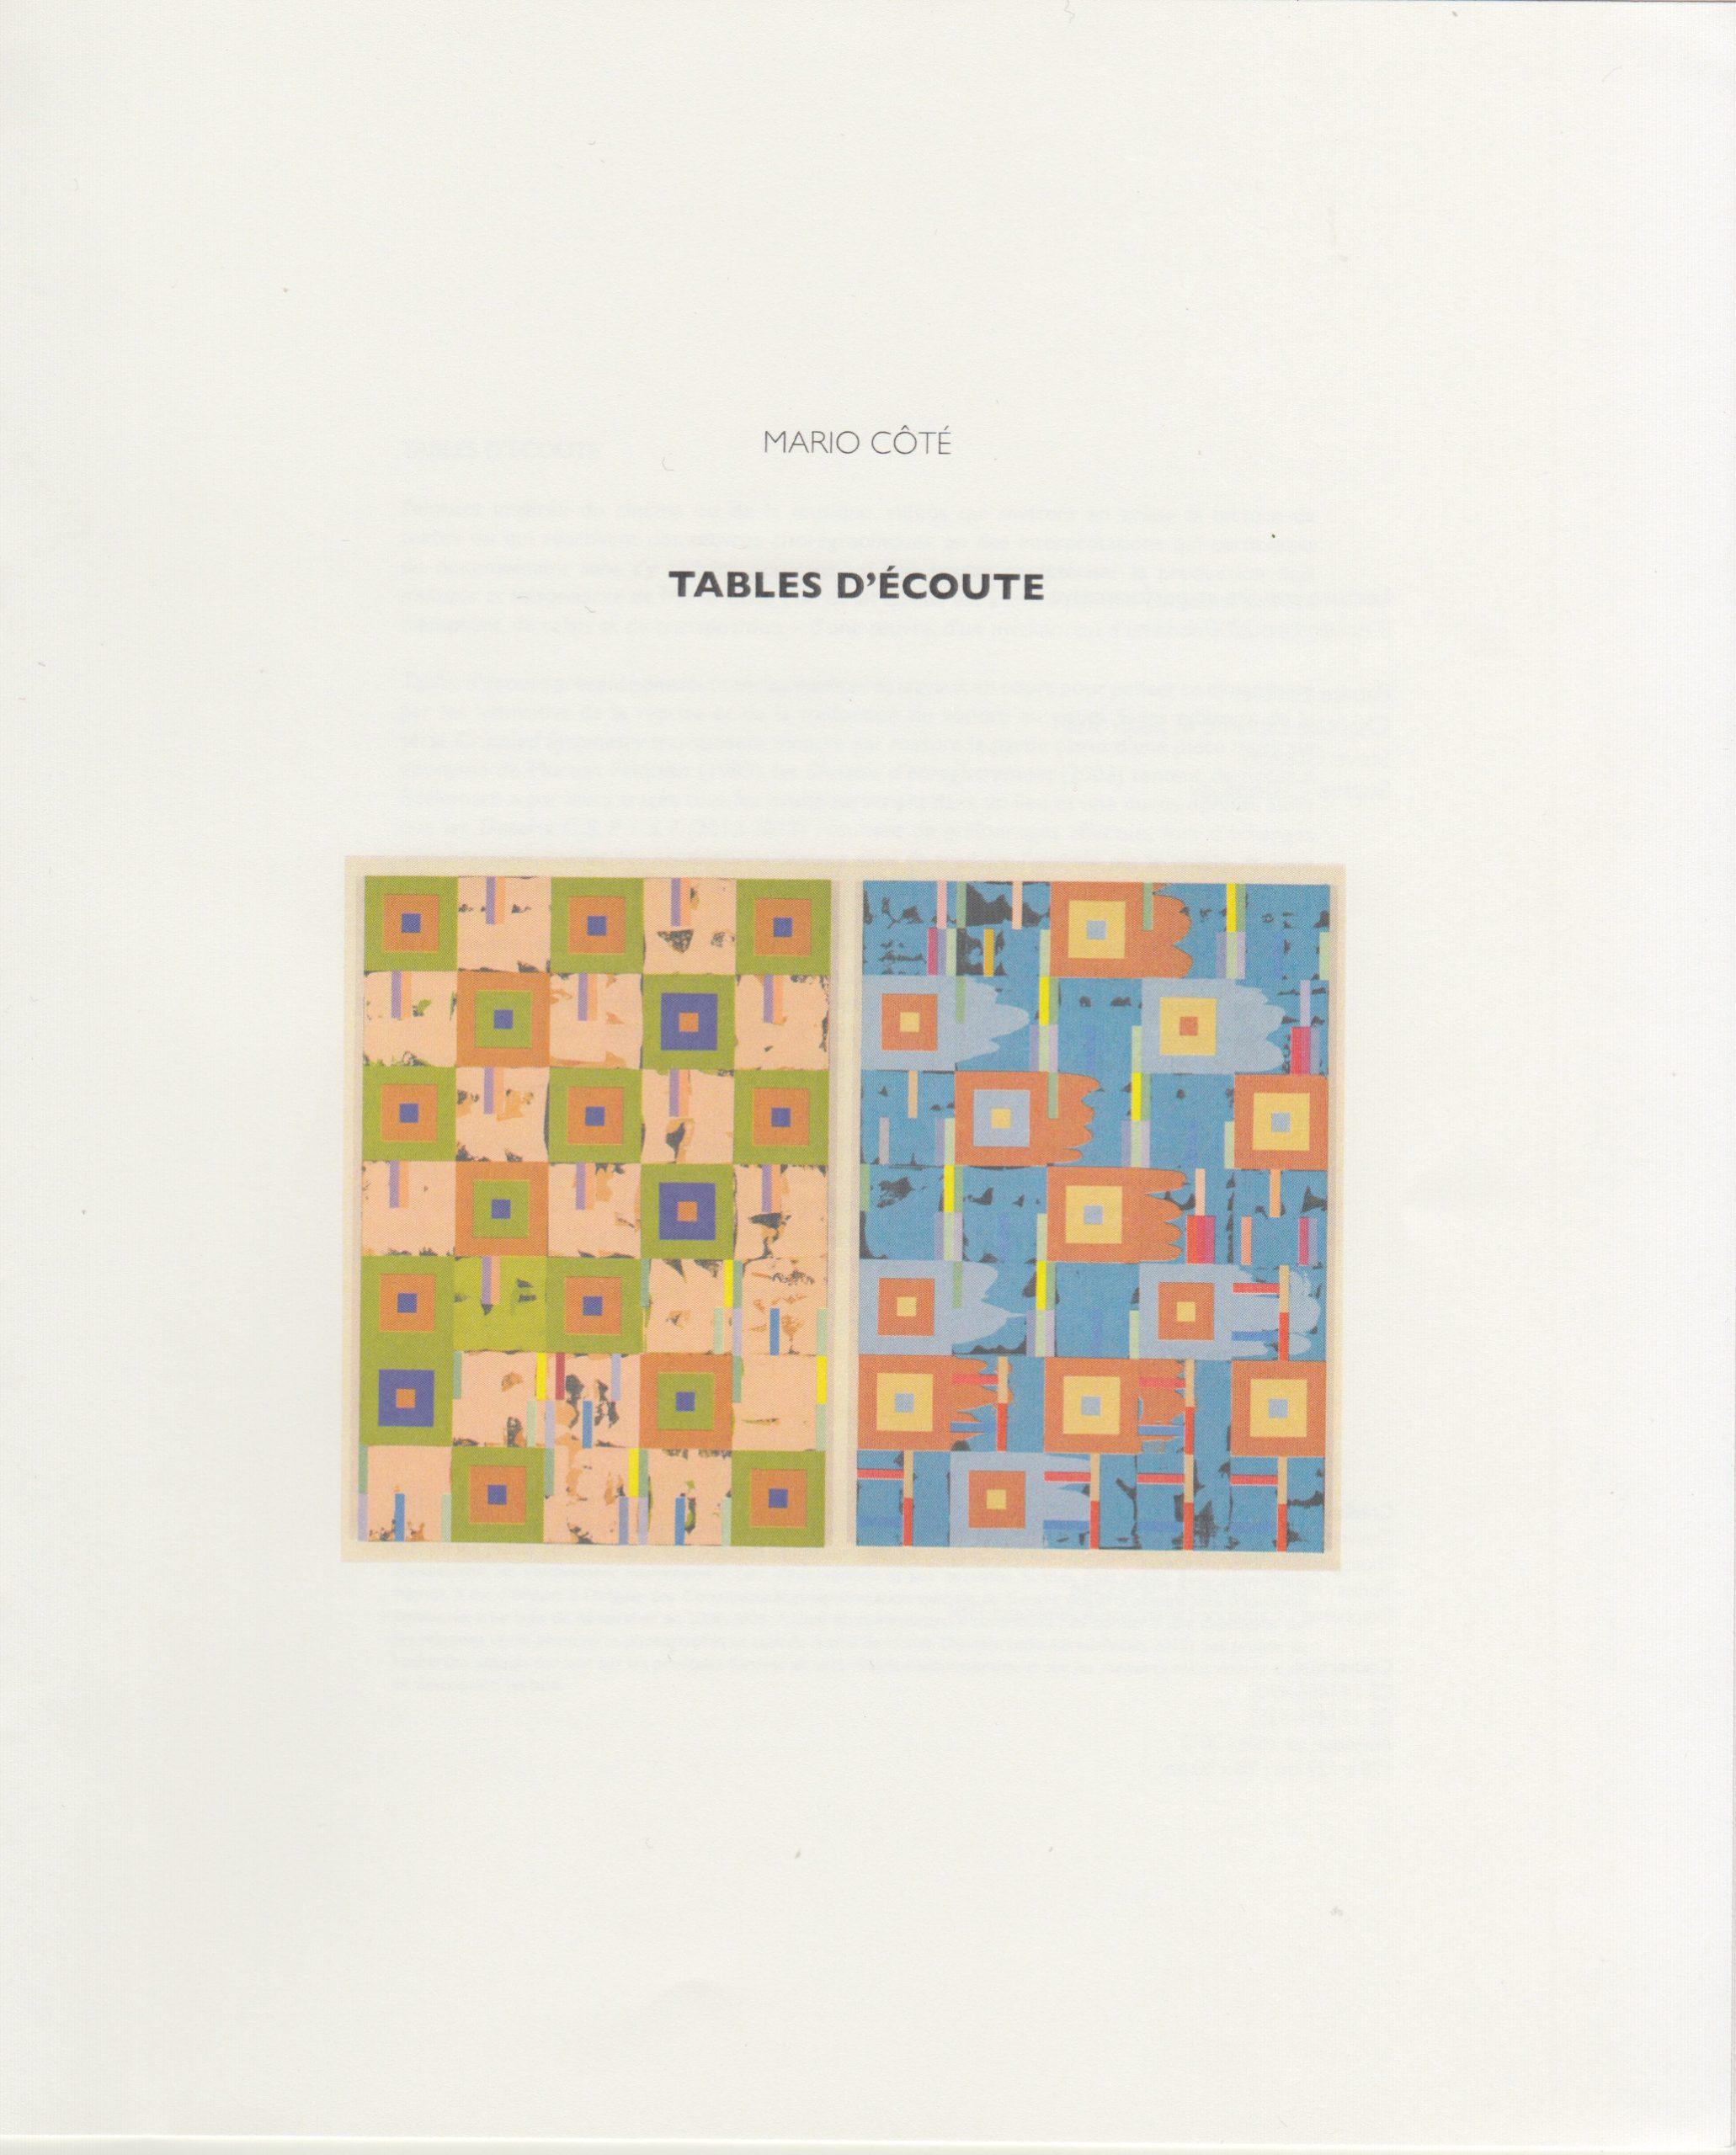 Tables d'écoute, Patrice Loubier, Mario Côté, 2013